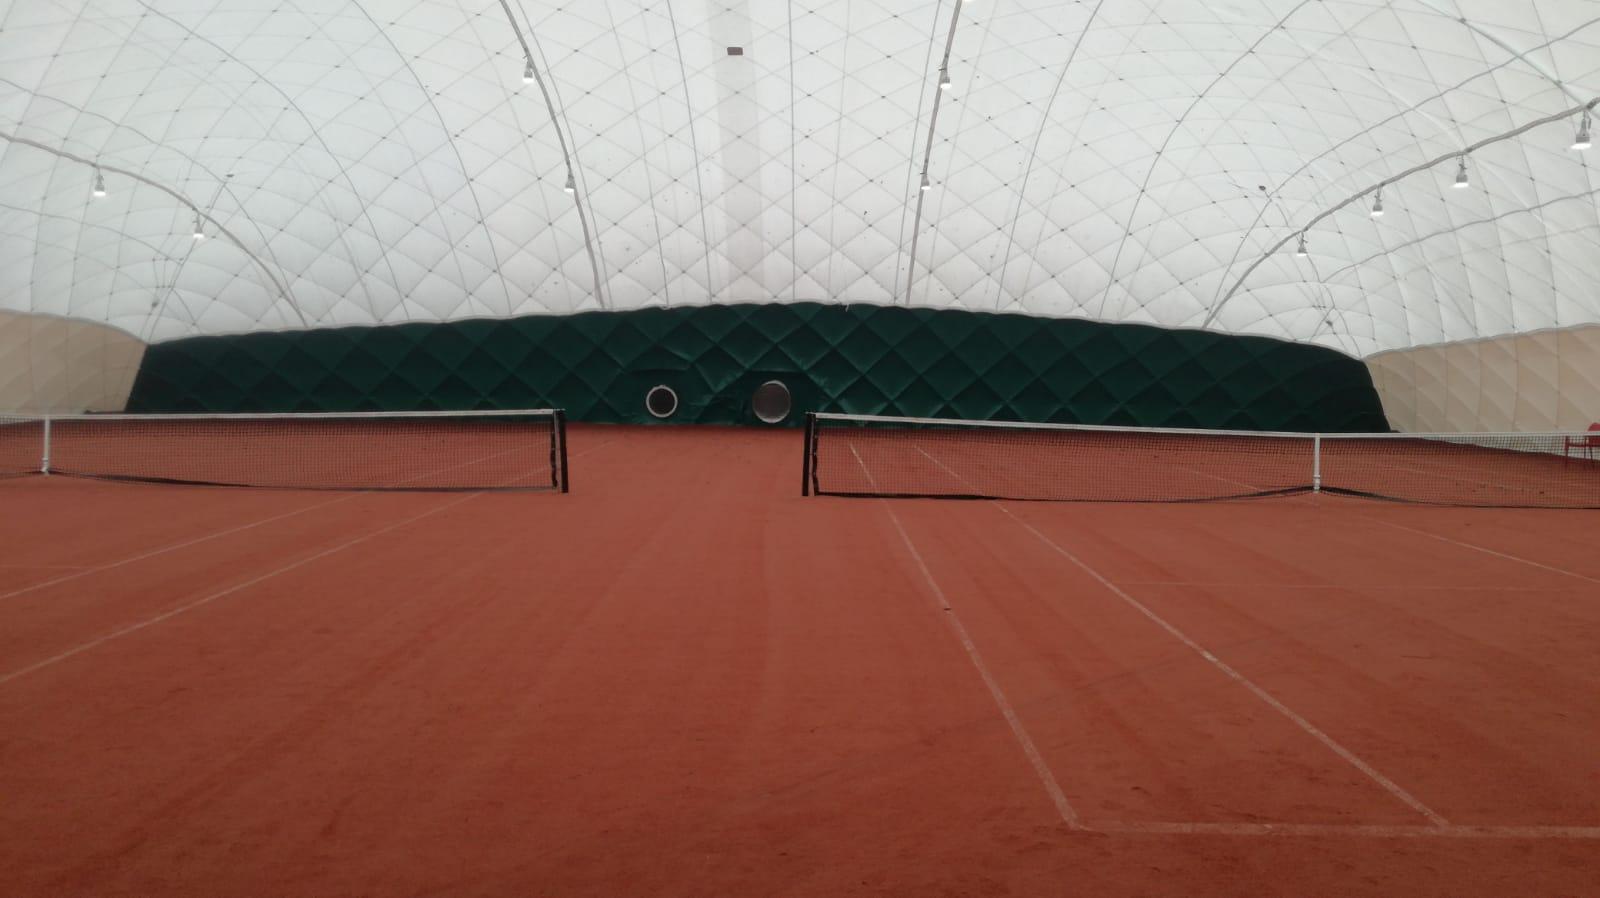 En dan hier het mooie plaatje van de nieuwe hal